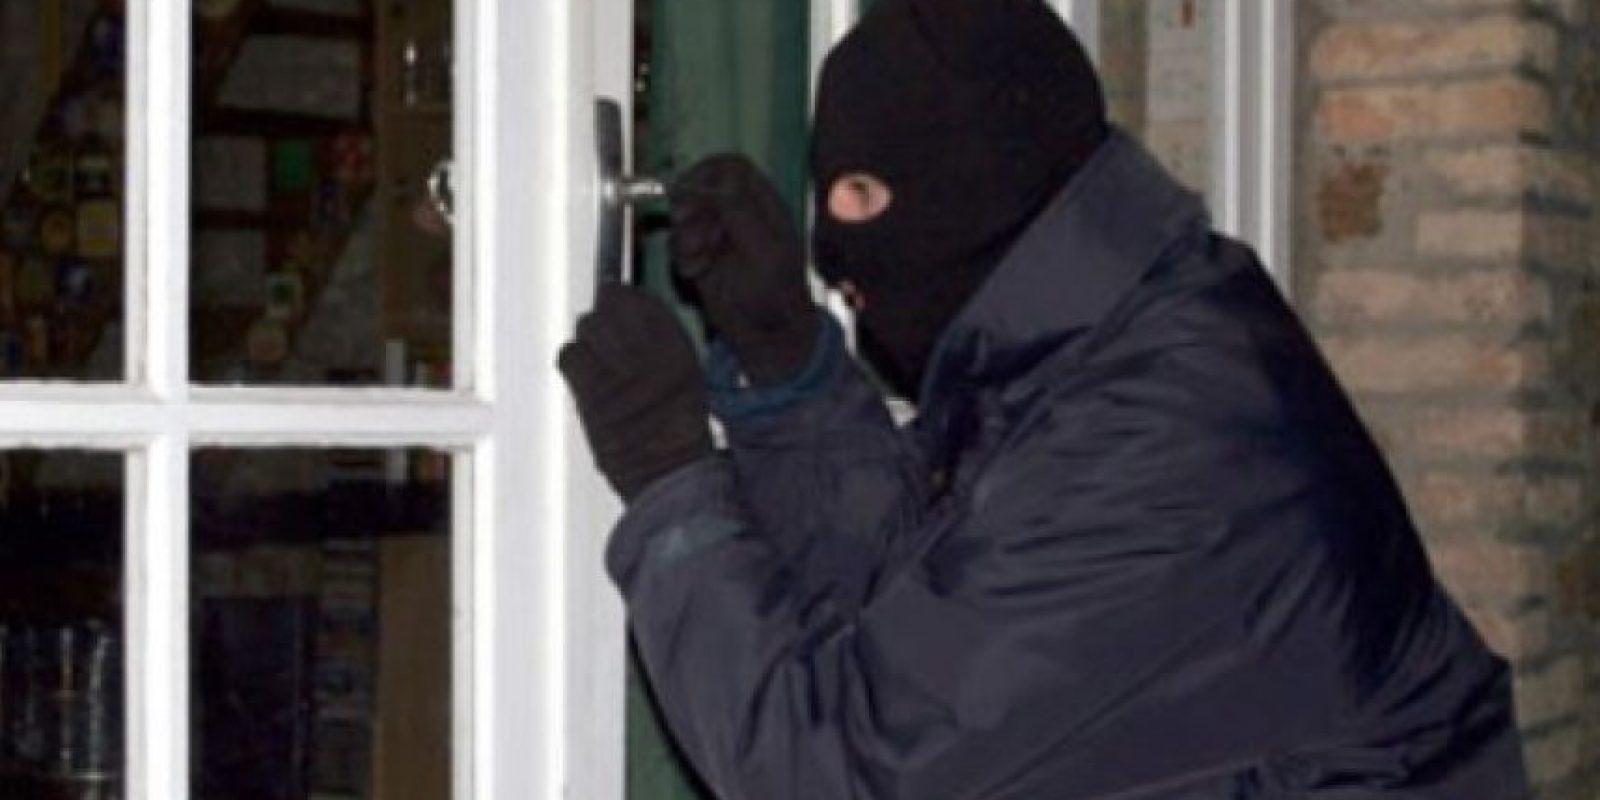 """4. Fue fácil para los ladrones robar en casas que utilizaban métodos """"tontos"""" como dejar encendido el televisor y las luces de la casa cuando salían de viaje. Foto:Tumblr.com/tagged-ladrones"""